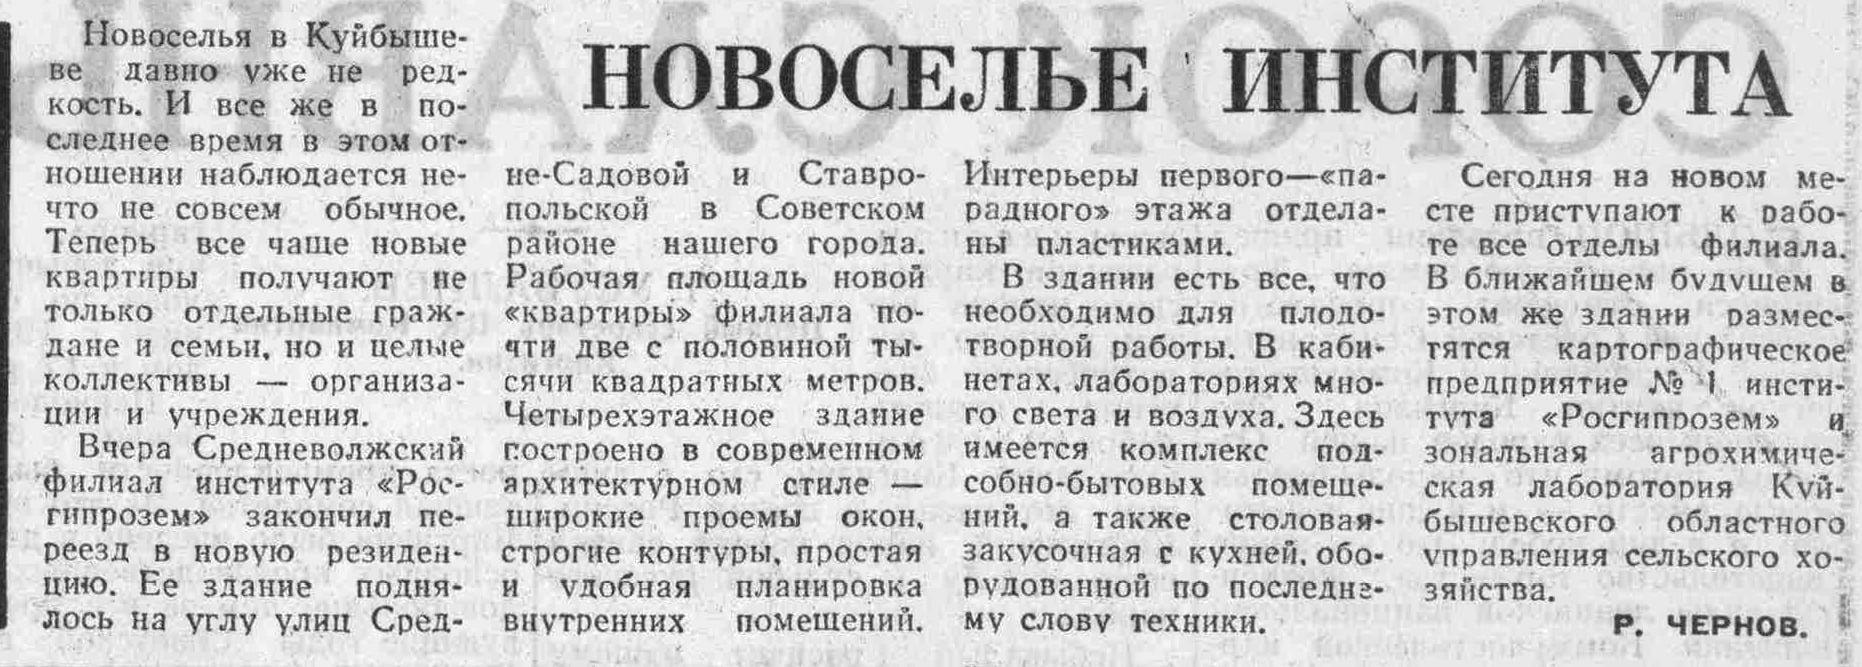 Ставропольская-ФОТО-36-ВКа-1966-10-28-новоселье Гипрозема на СрСад-min